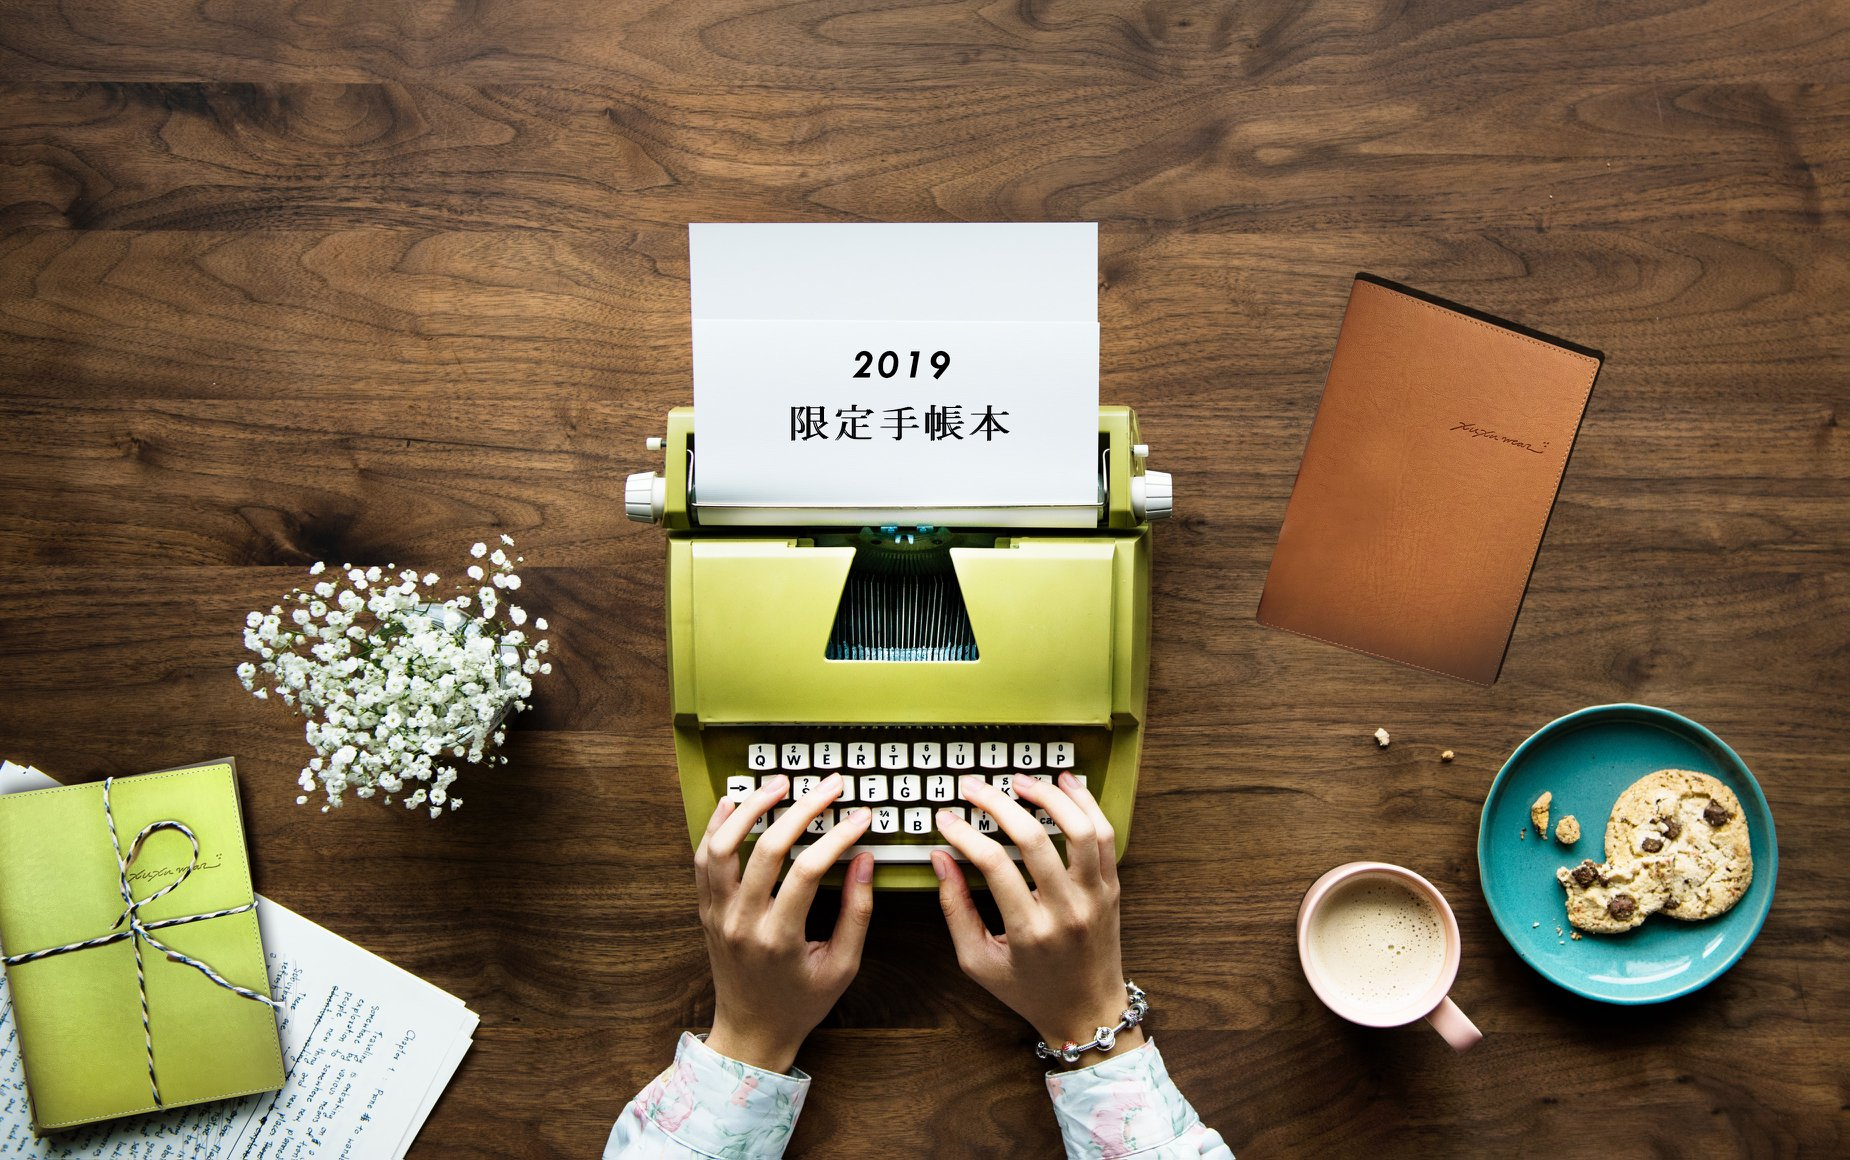 許許兒2019年行事曆手帳本獲得辦法